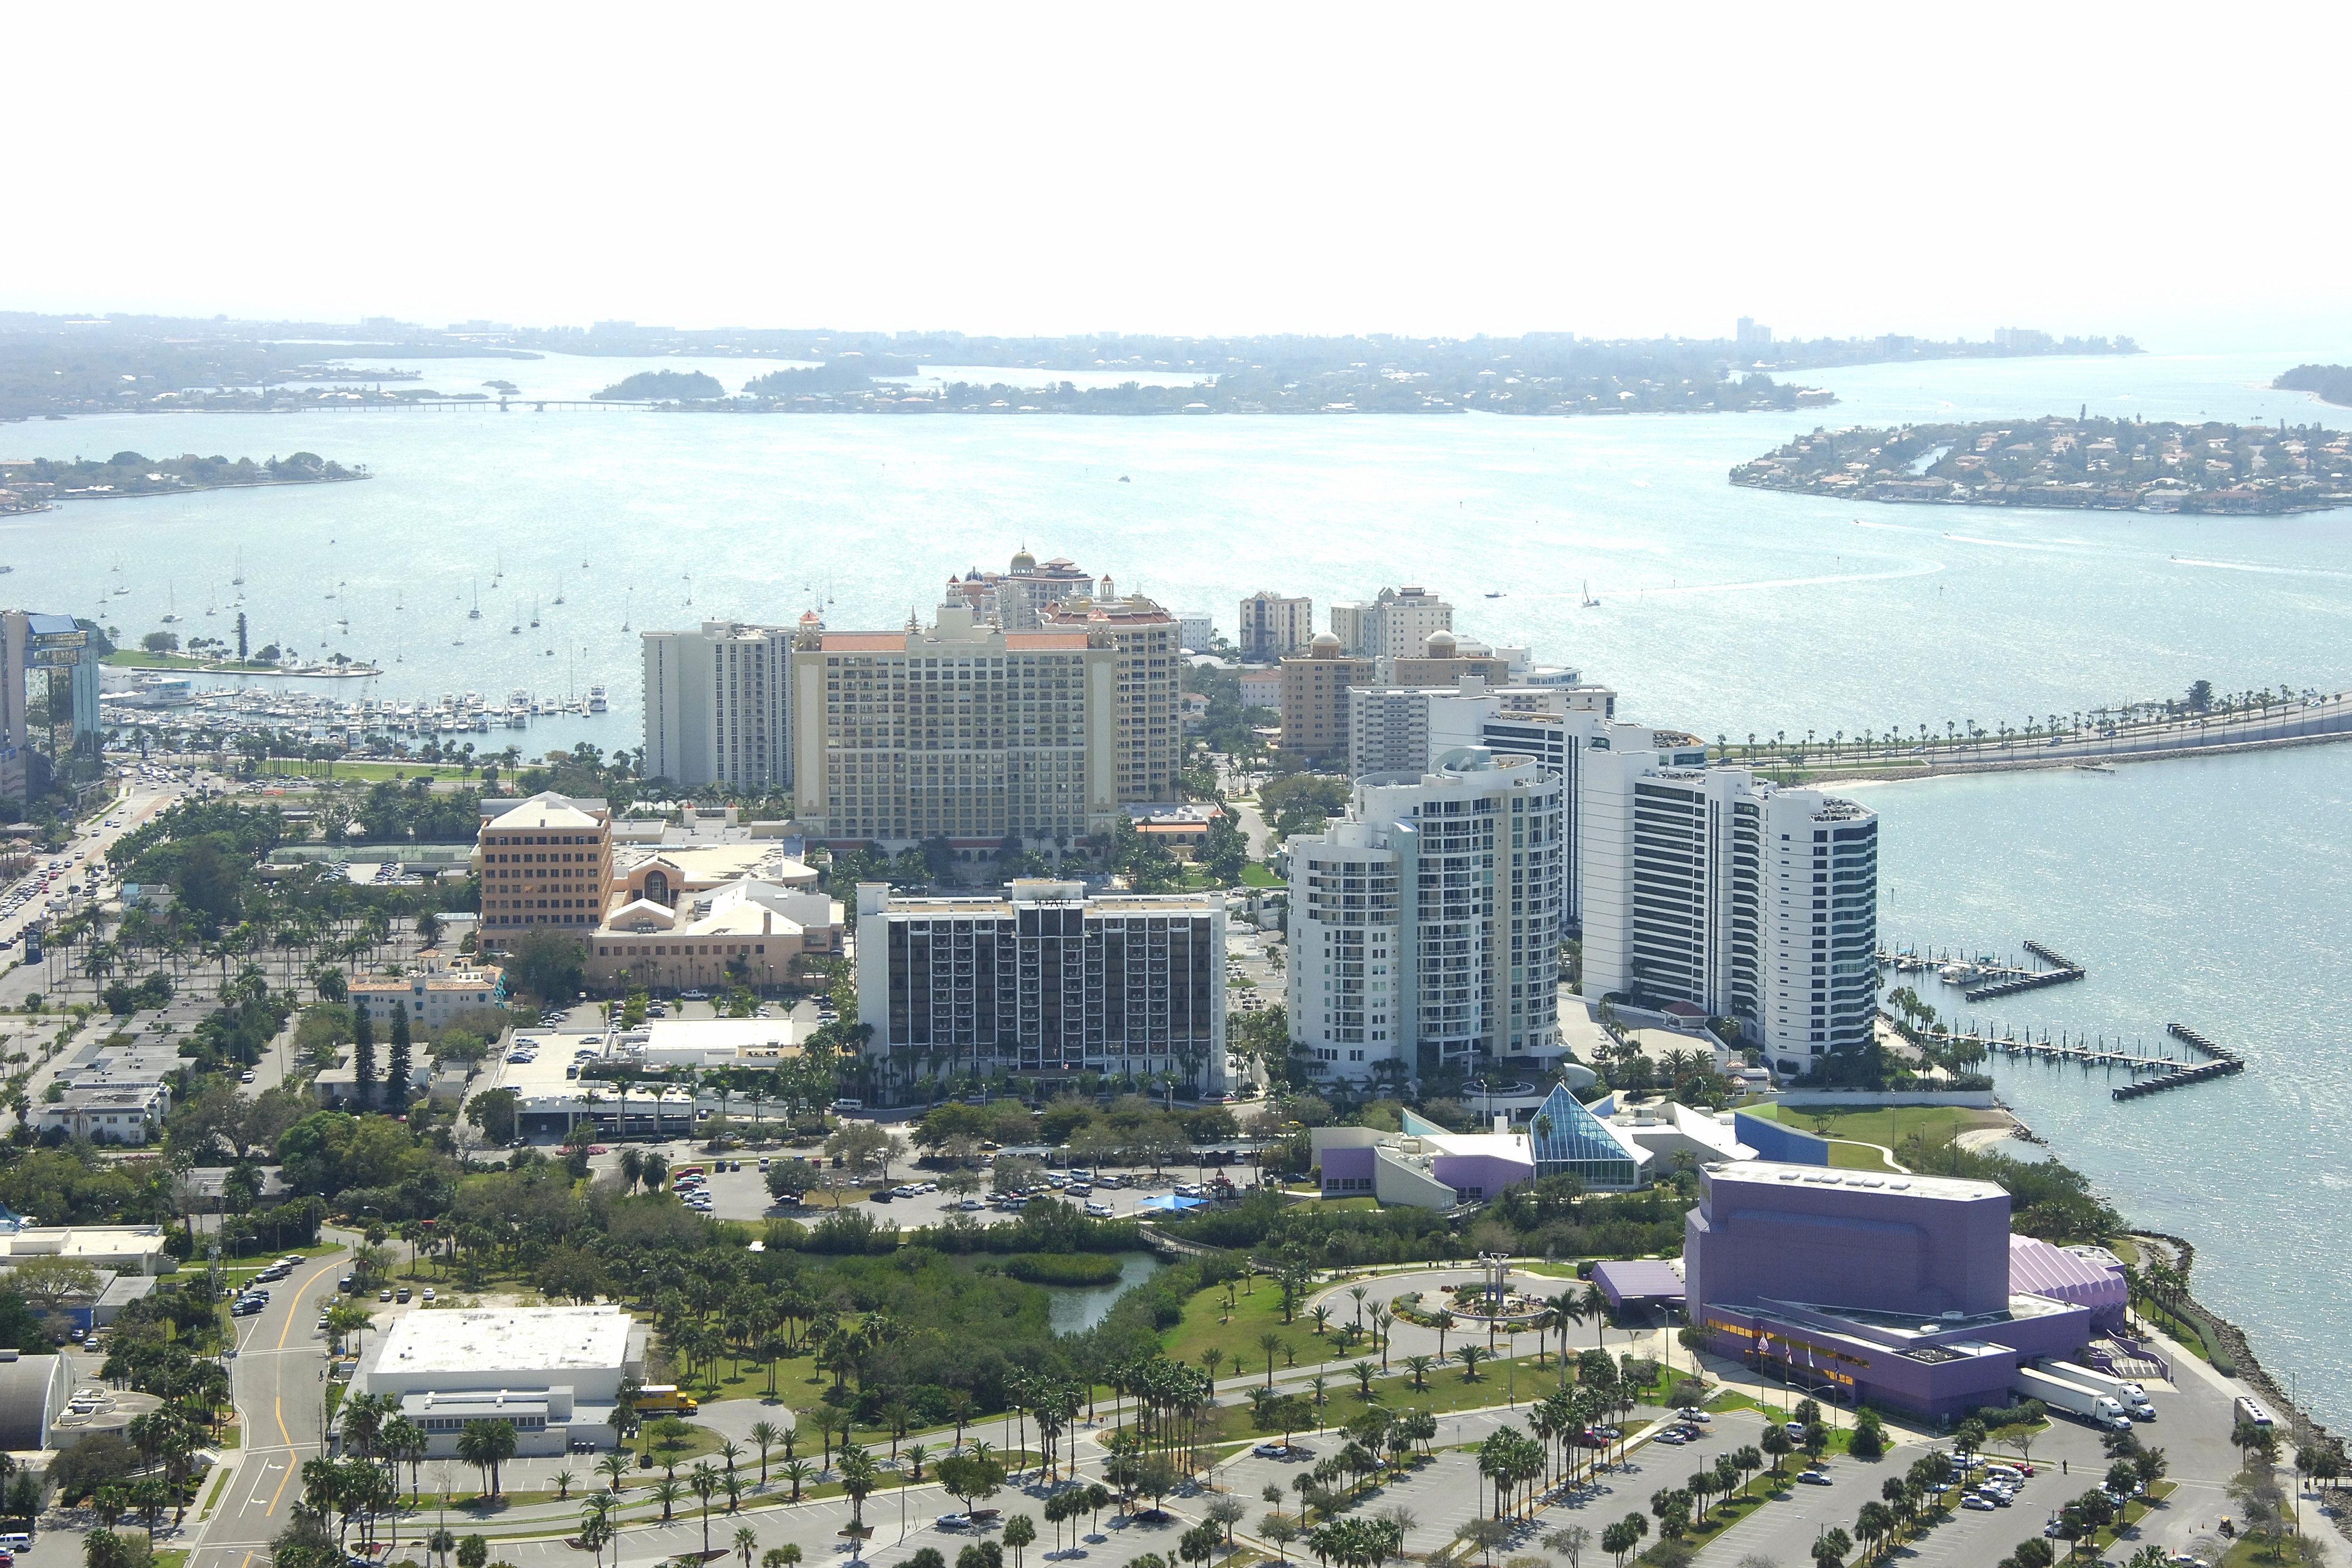 Hyatt Regency Sarasota Resort Marina